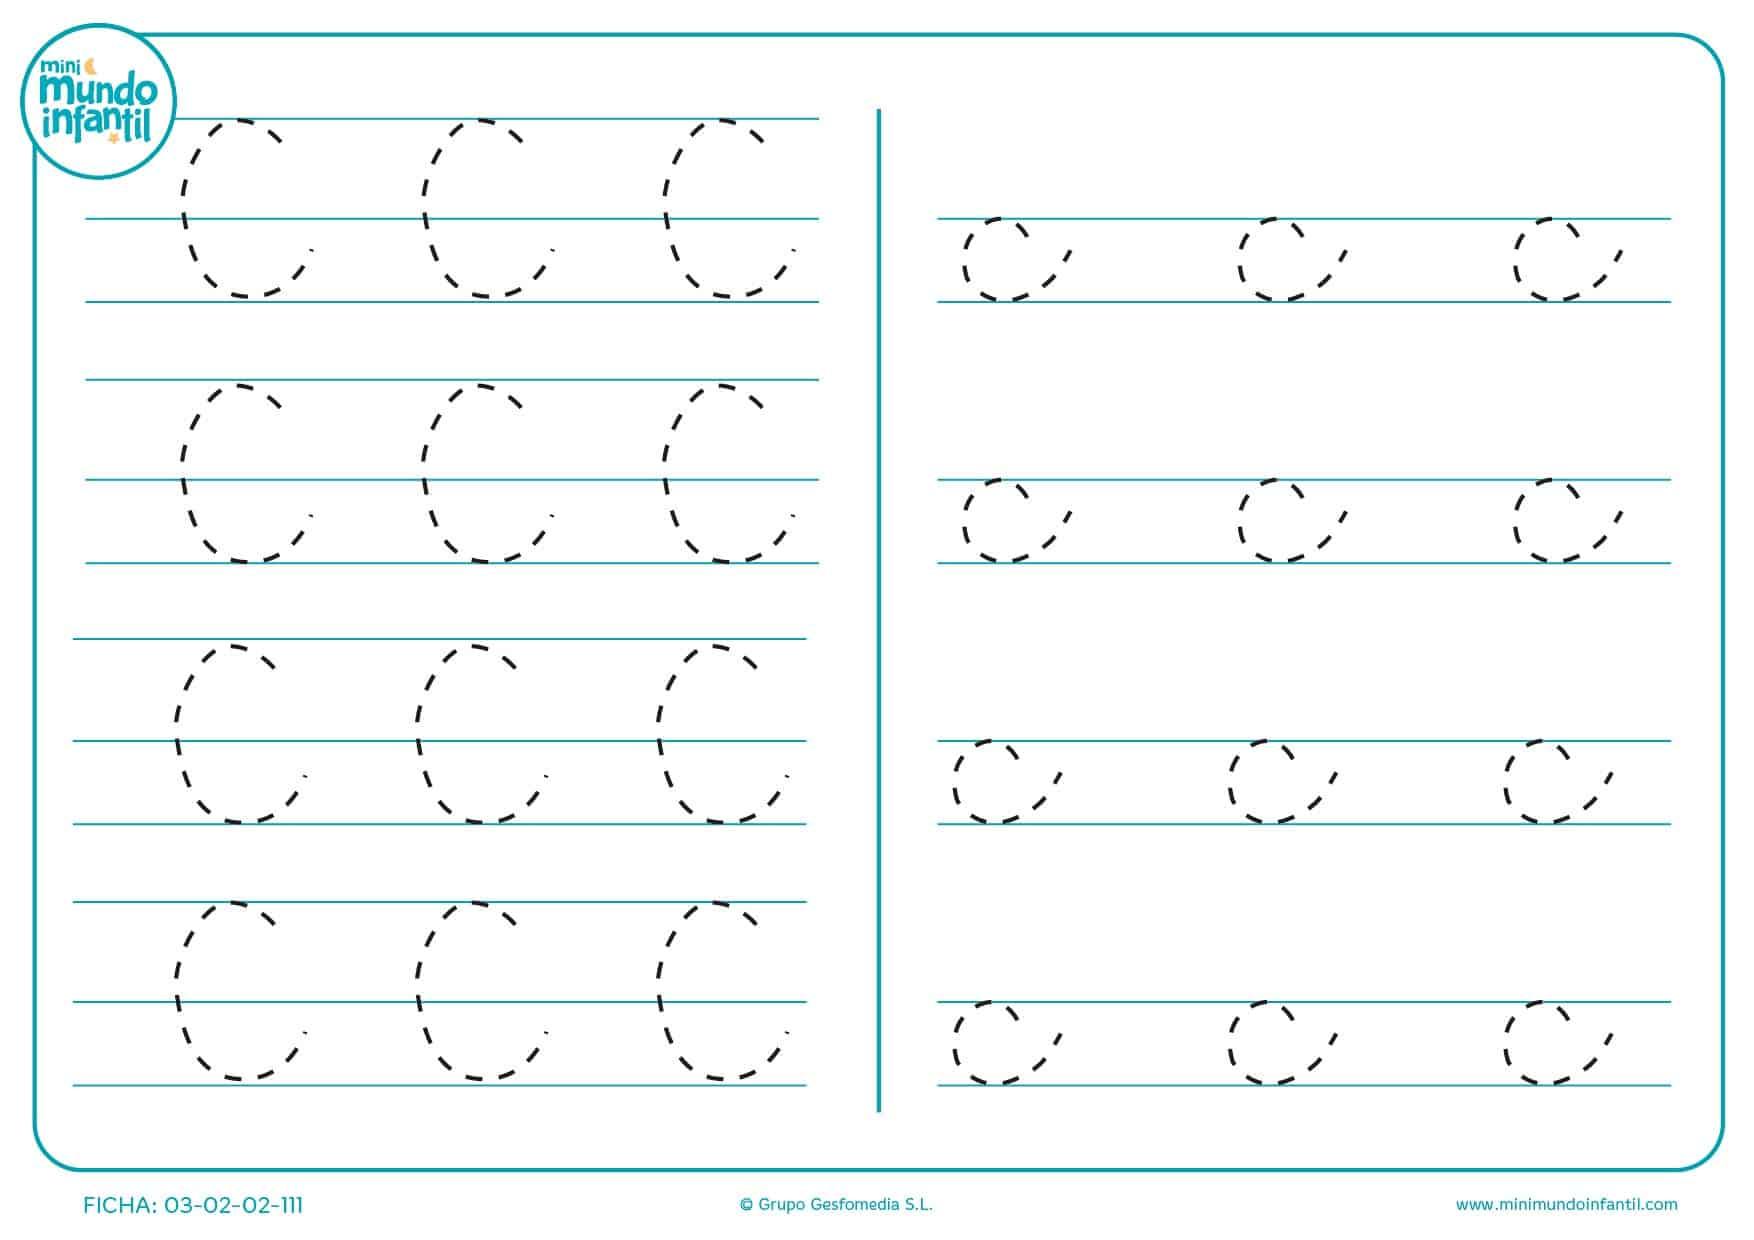 Seguir la línea de la letra C en mayúscula y c en minúscula